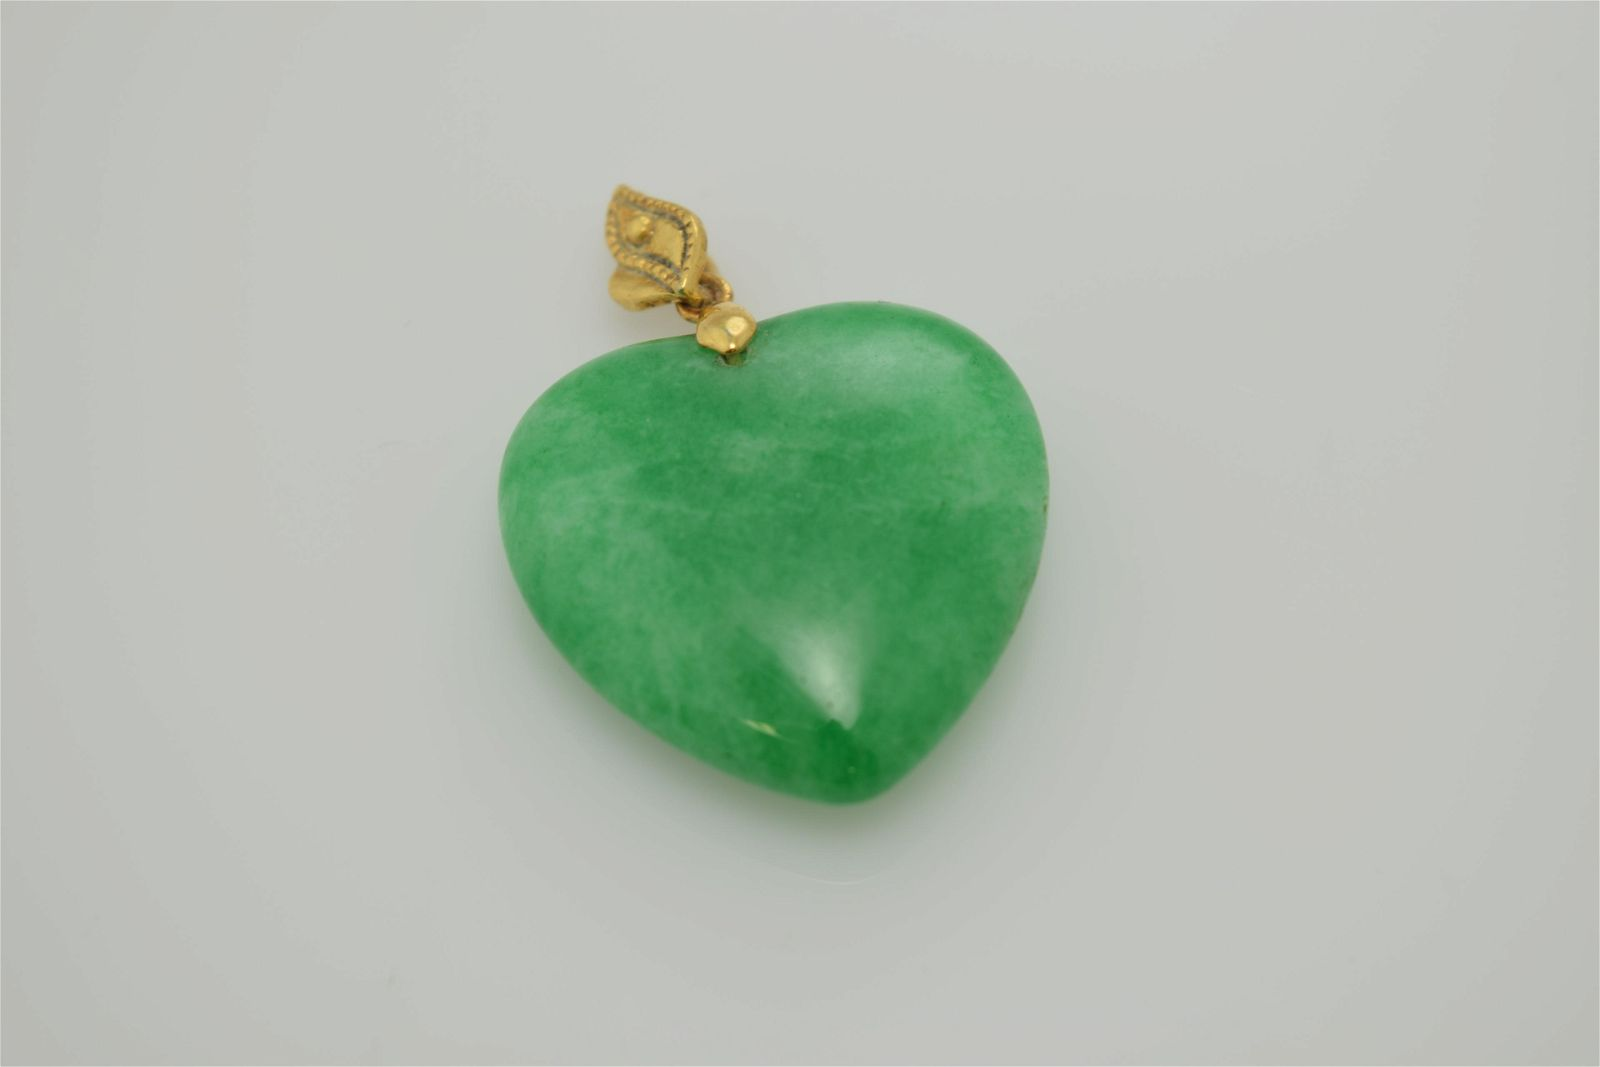 A modern jade (?) heart pendant.